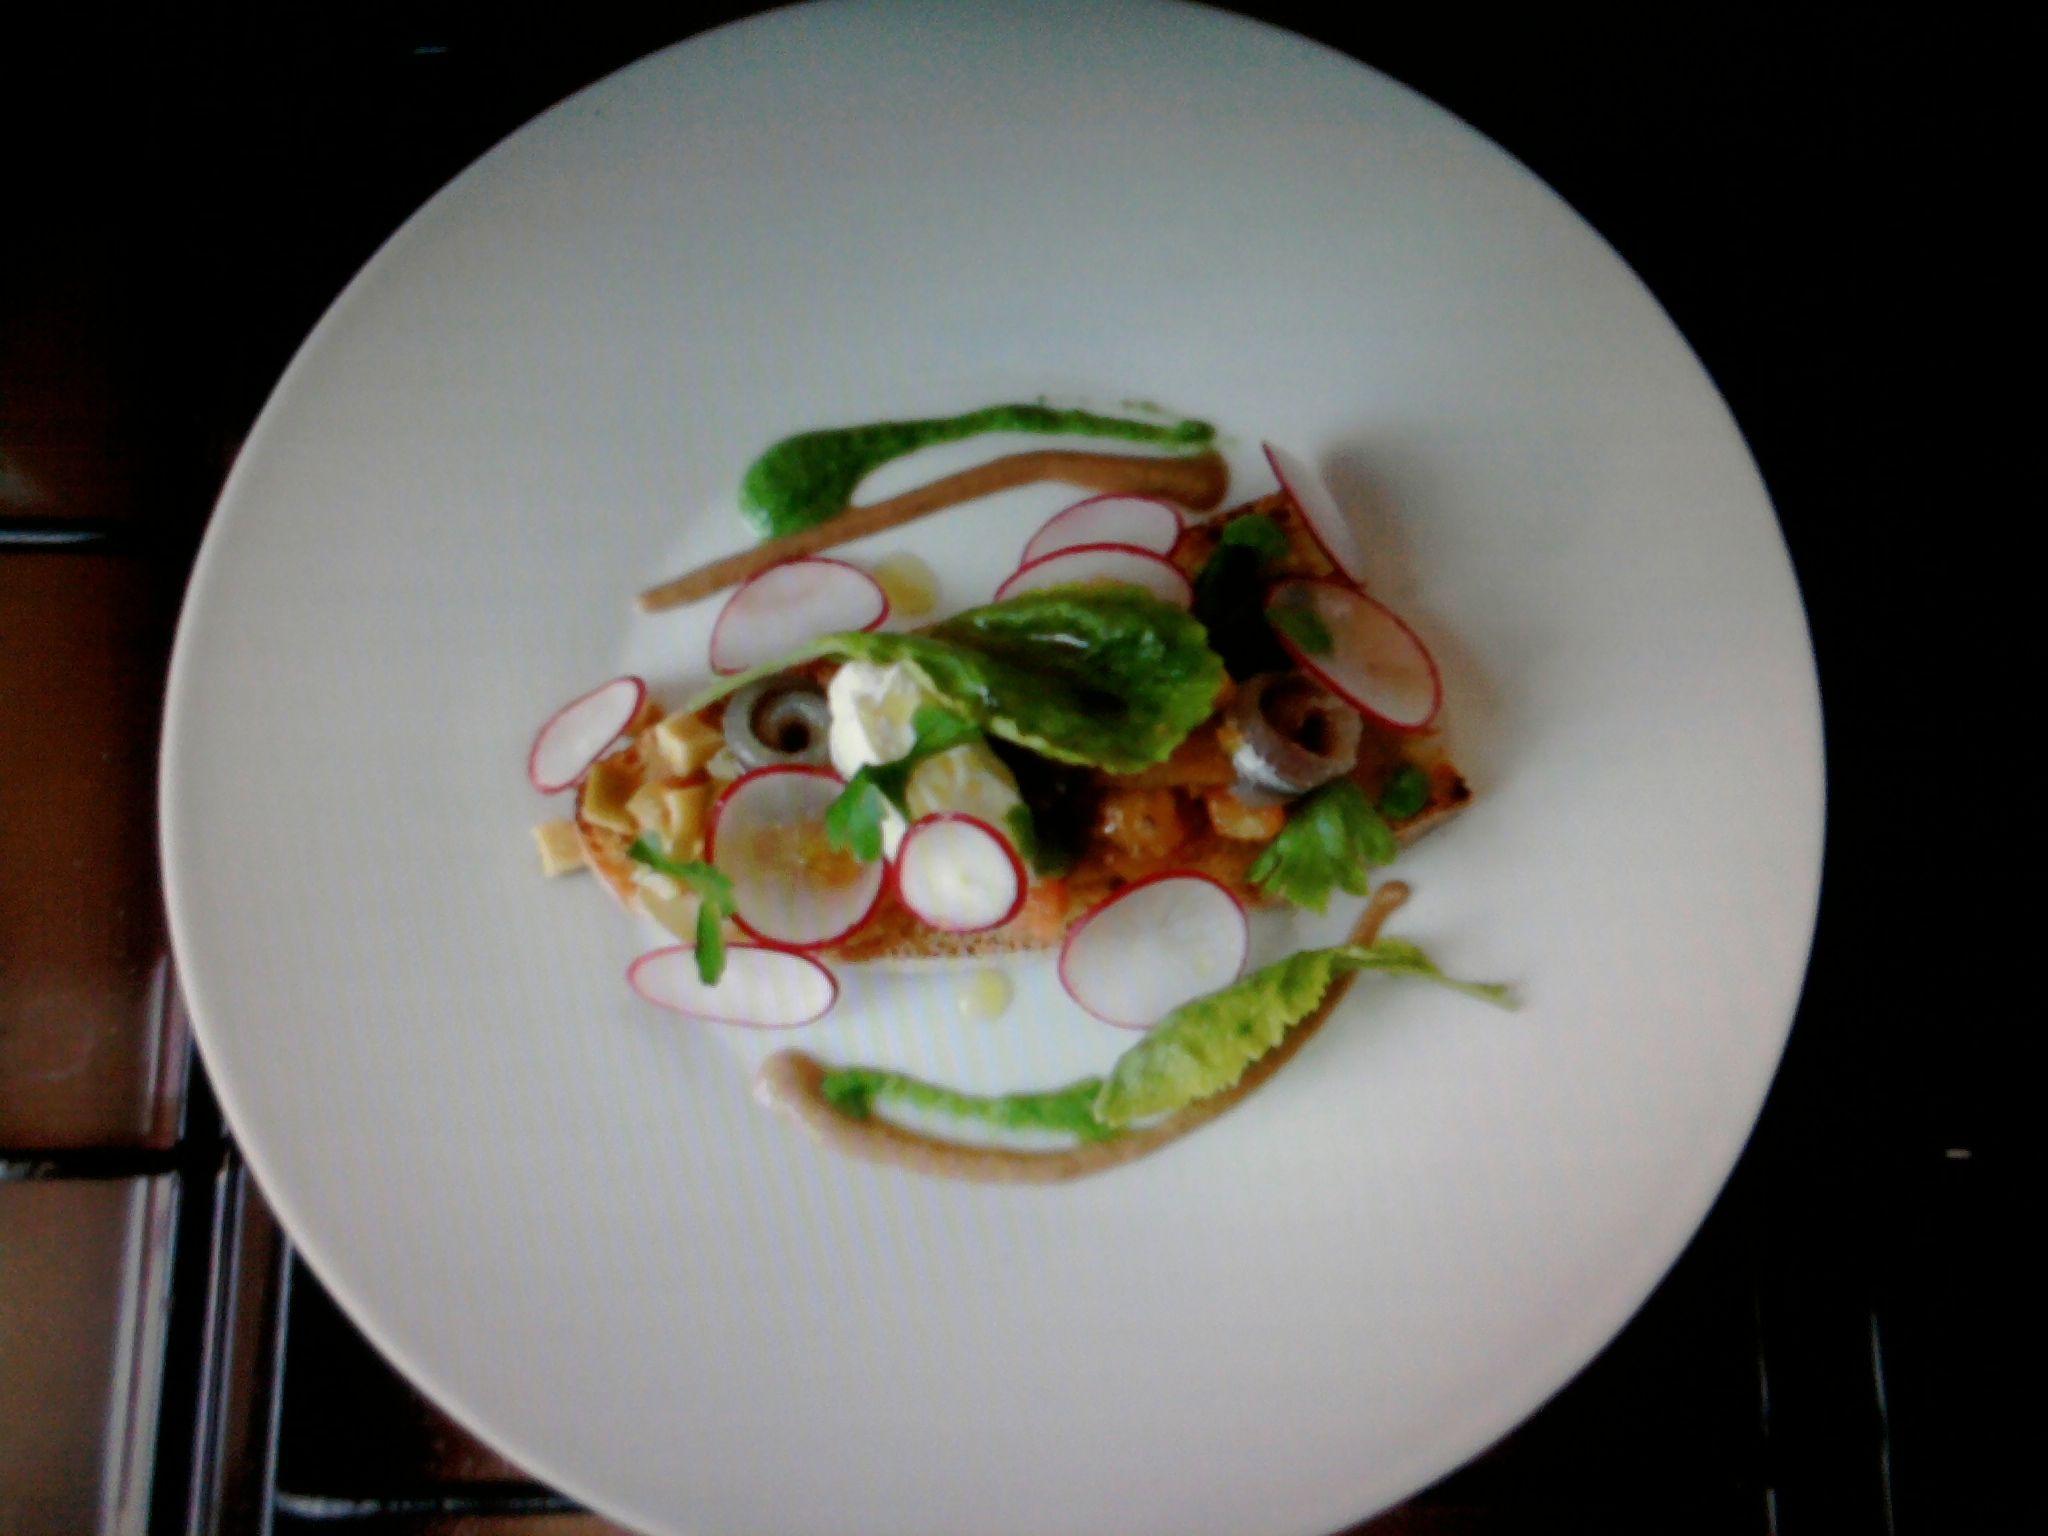 Bruschetta classica al pomodoro, acciughe ravanelli mascarpone e olive sono in aggiunta  Gino D'Aquino